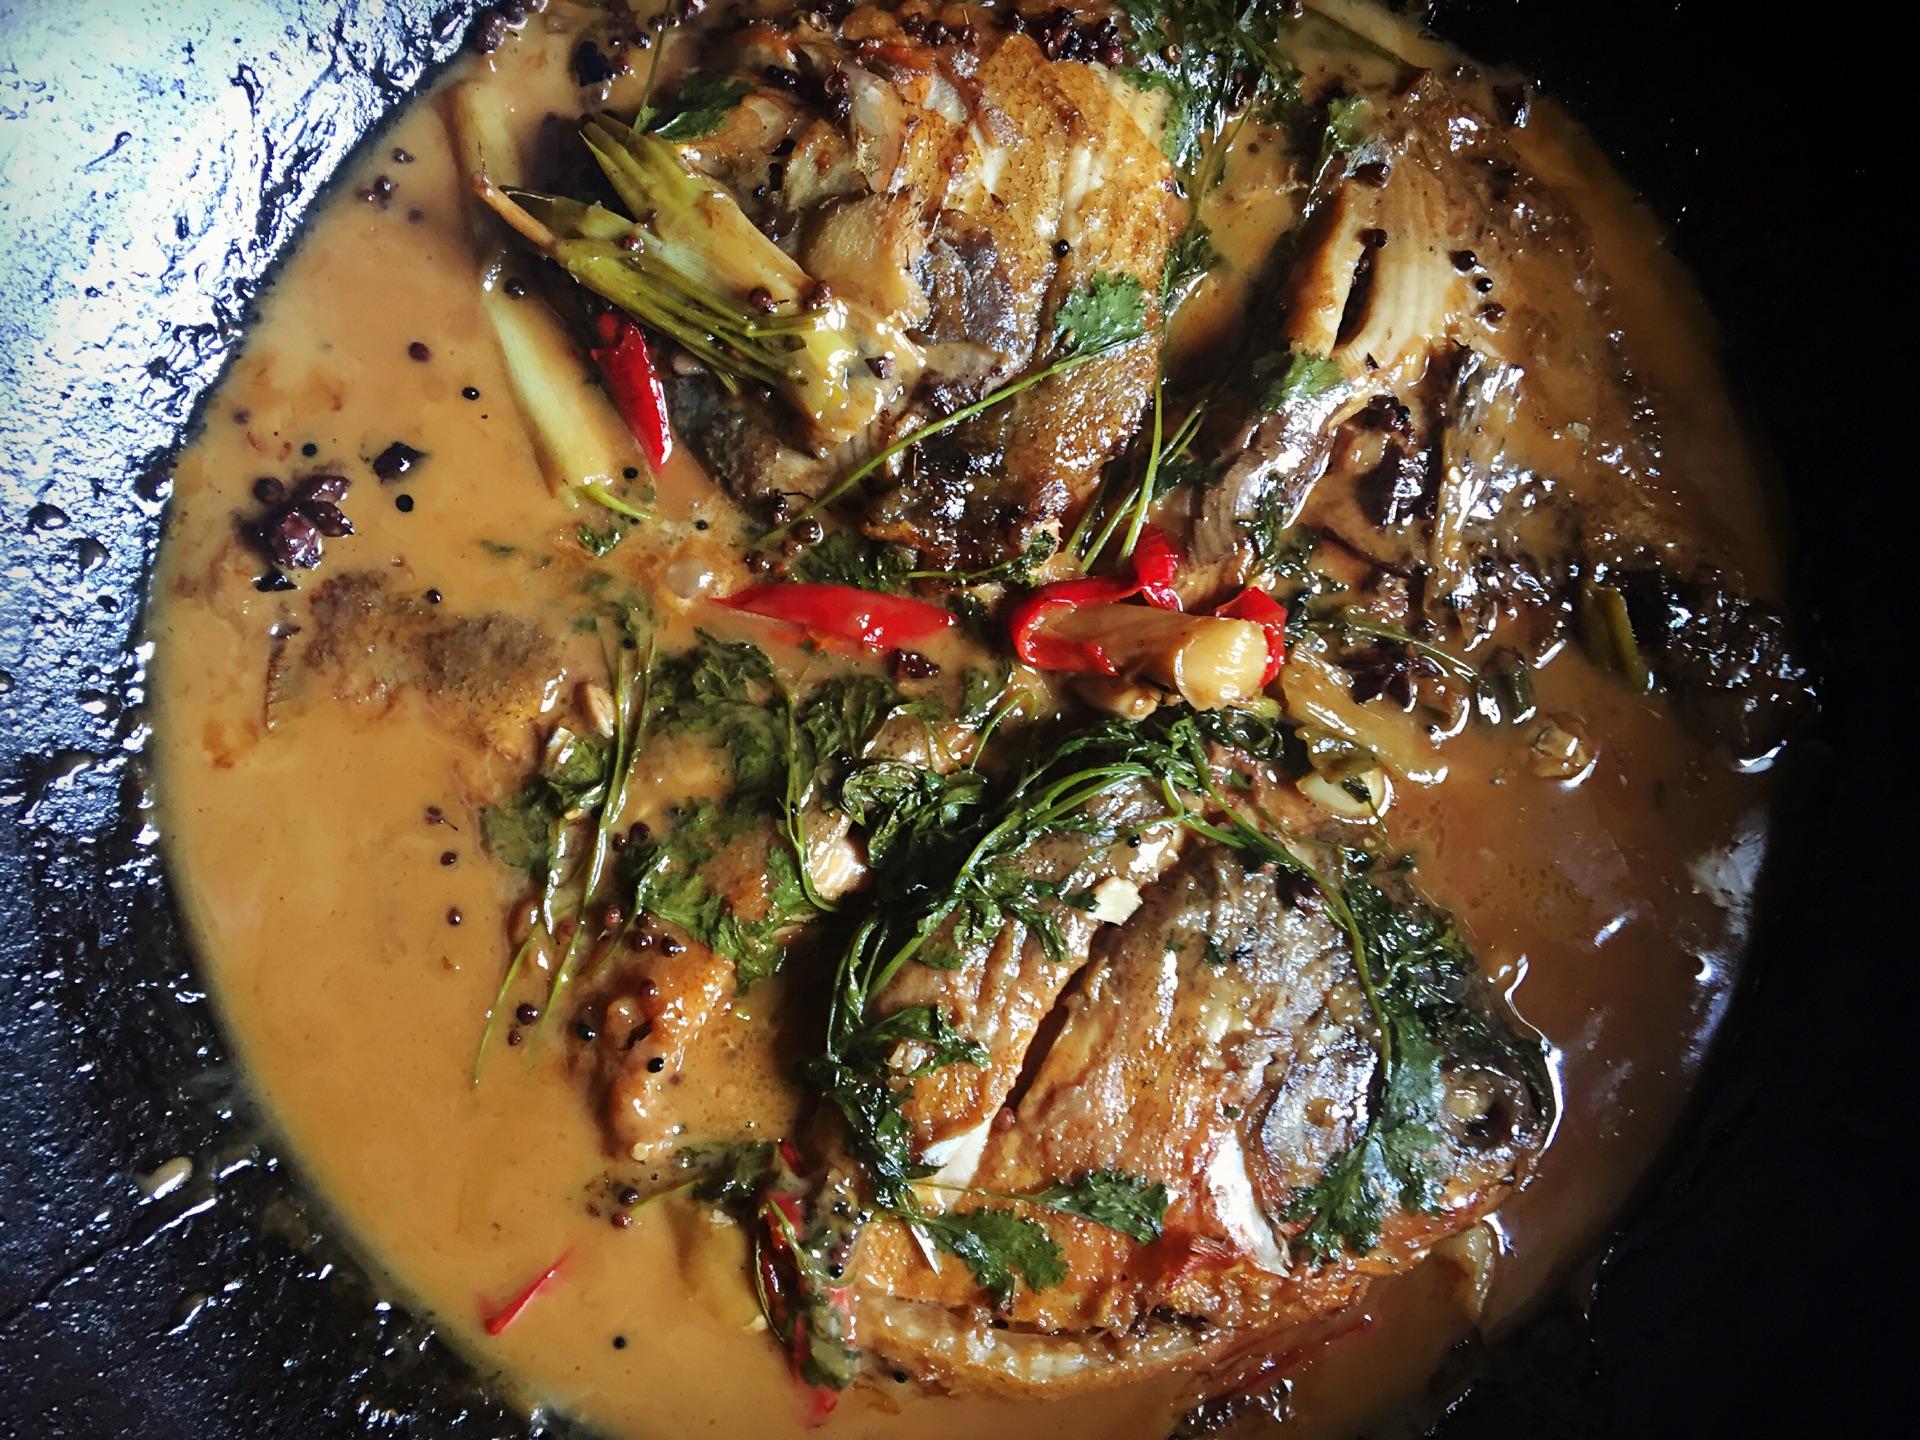 淡水炖鲳鱼白铁锅的美食_小孩_豆果做法红豆菜谱汤薏米能喝吗图片